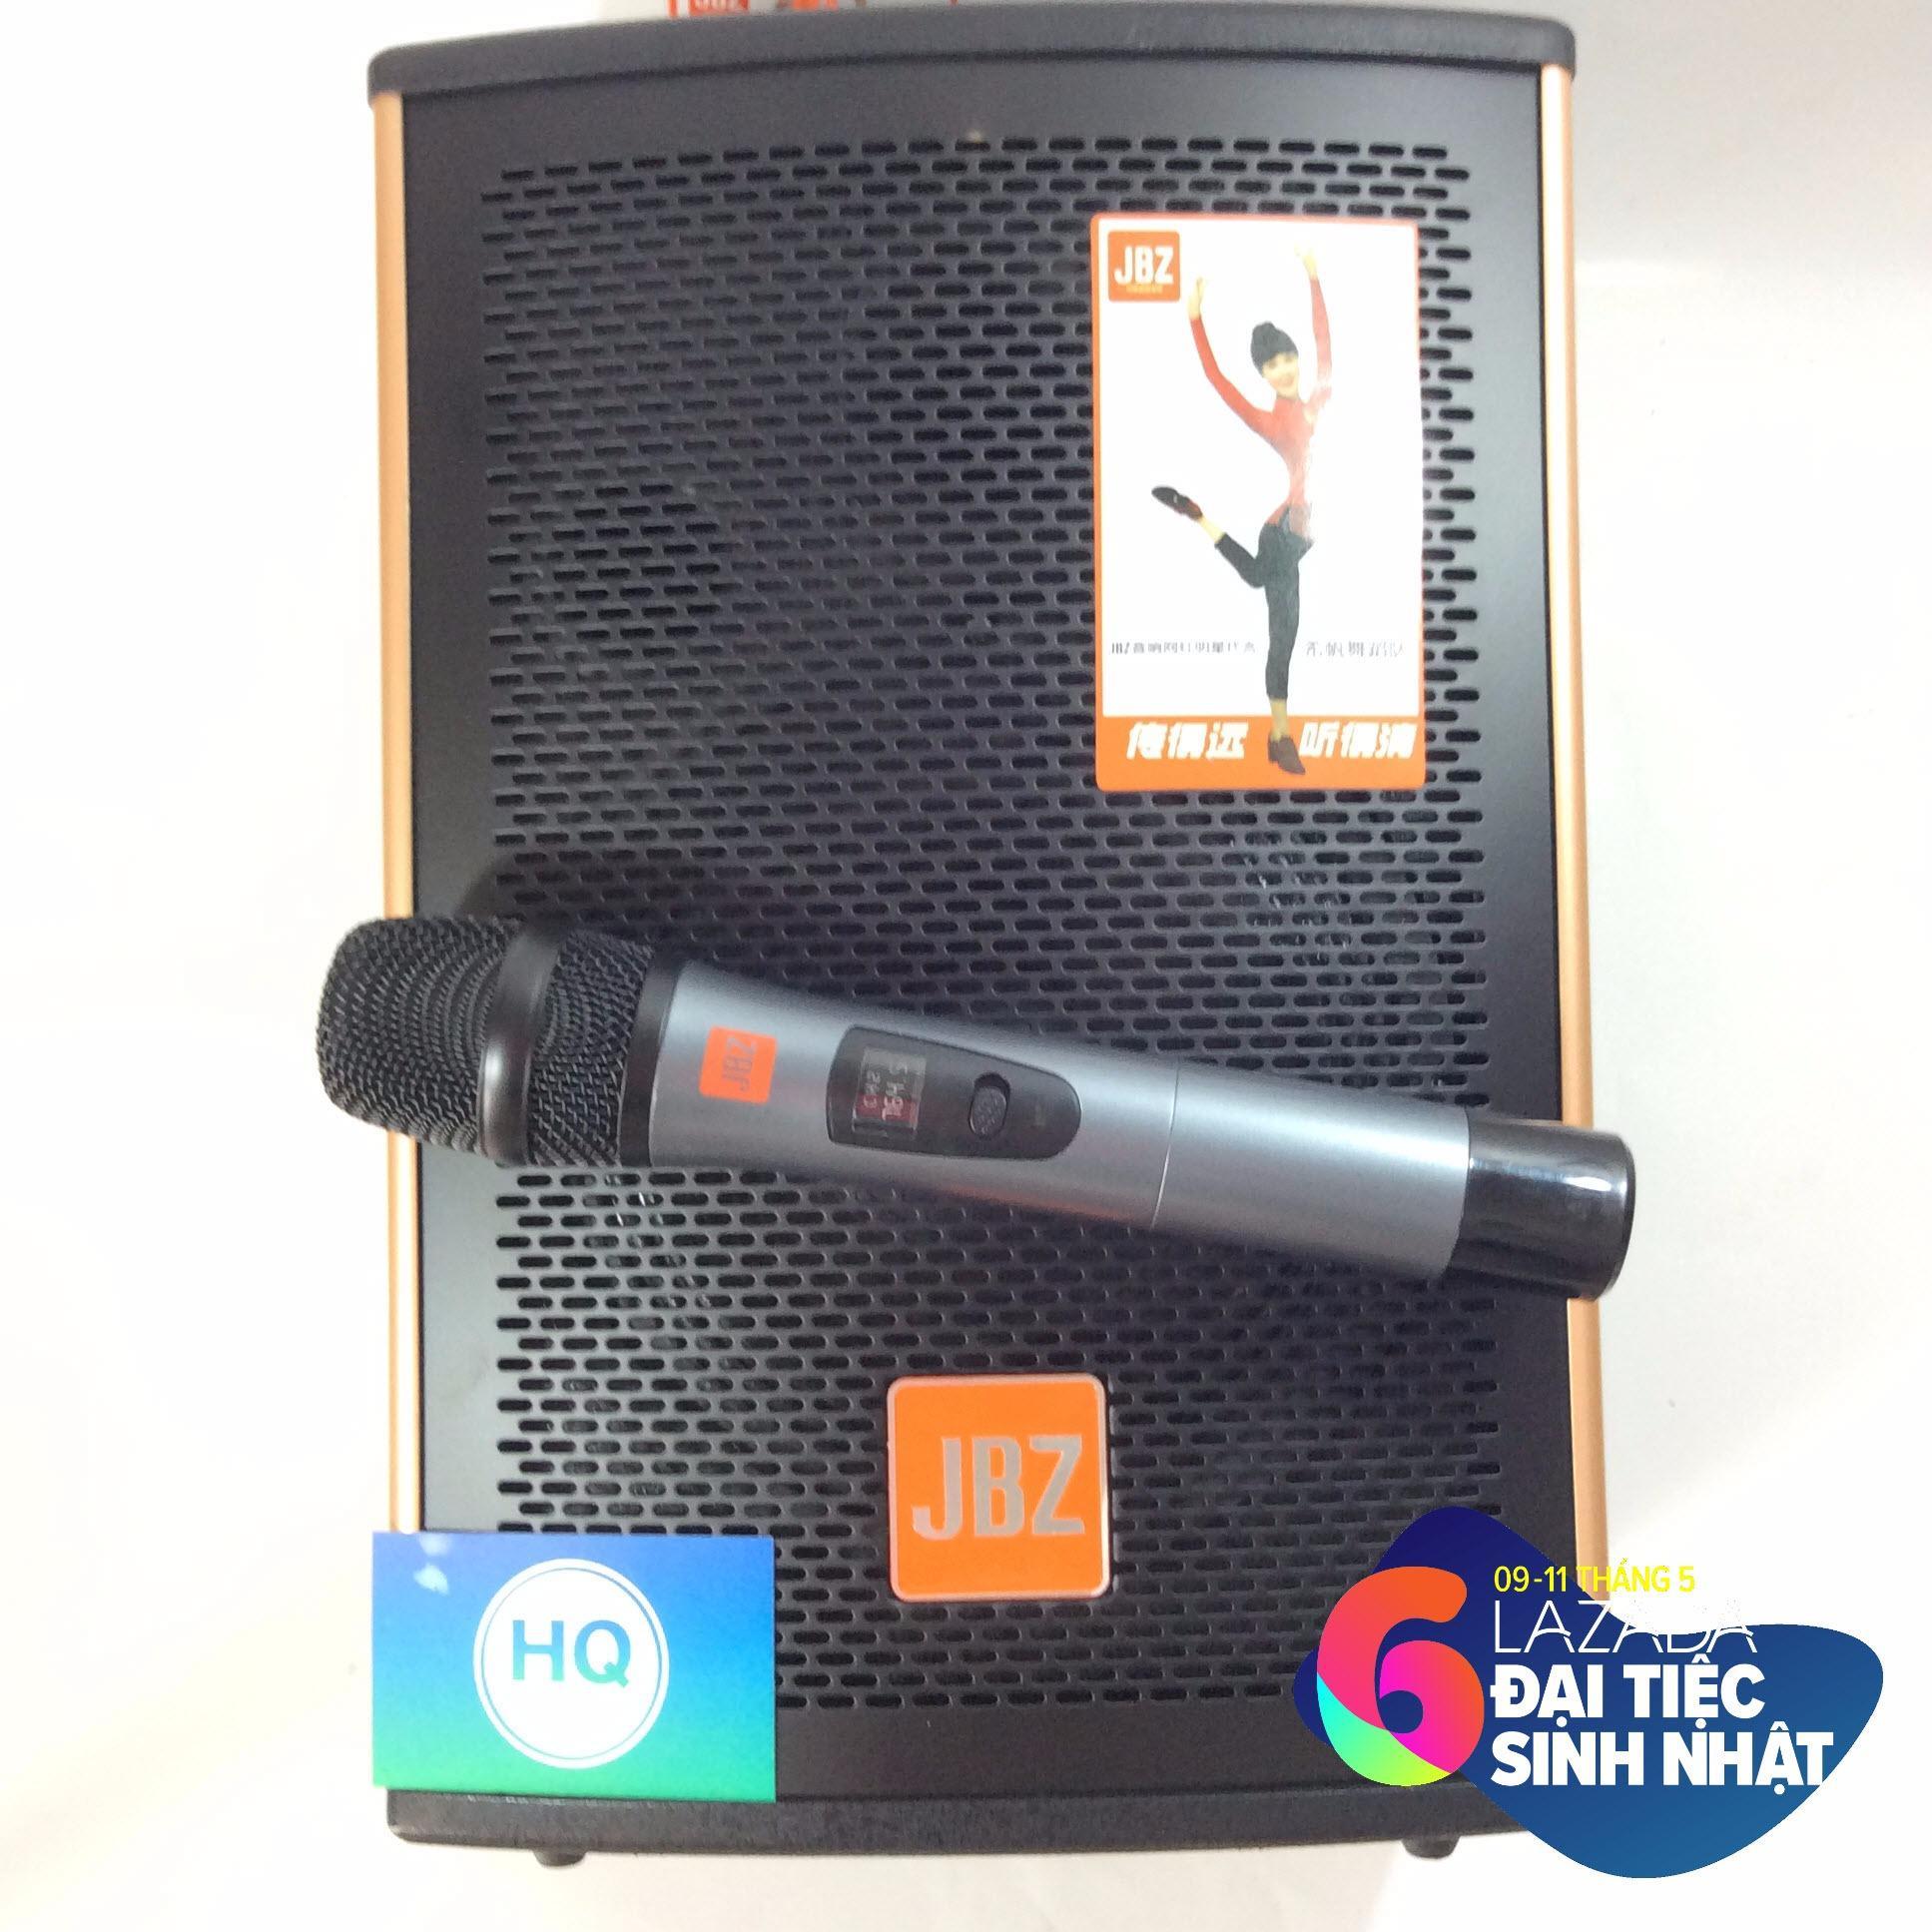 Hình ảnh (Tặng micro không dây cao cấp )Loa karaoke JBZ bass khủng công suất 200w